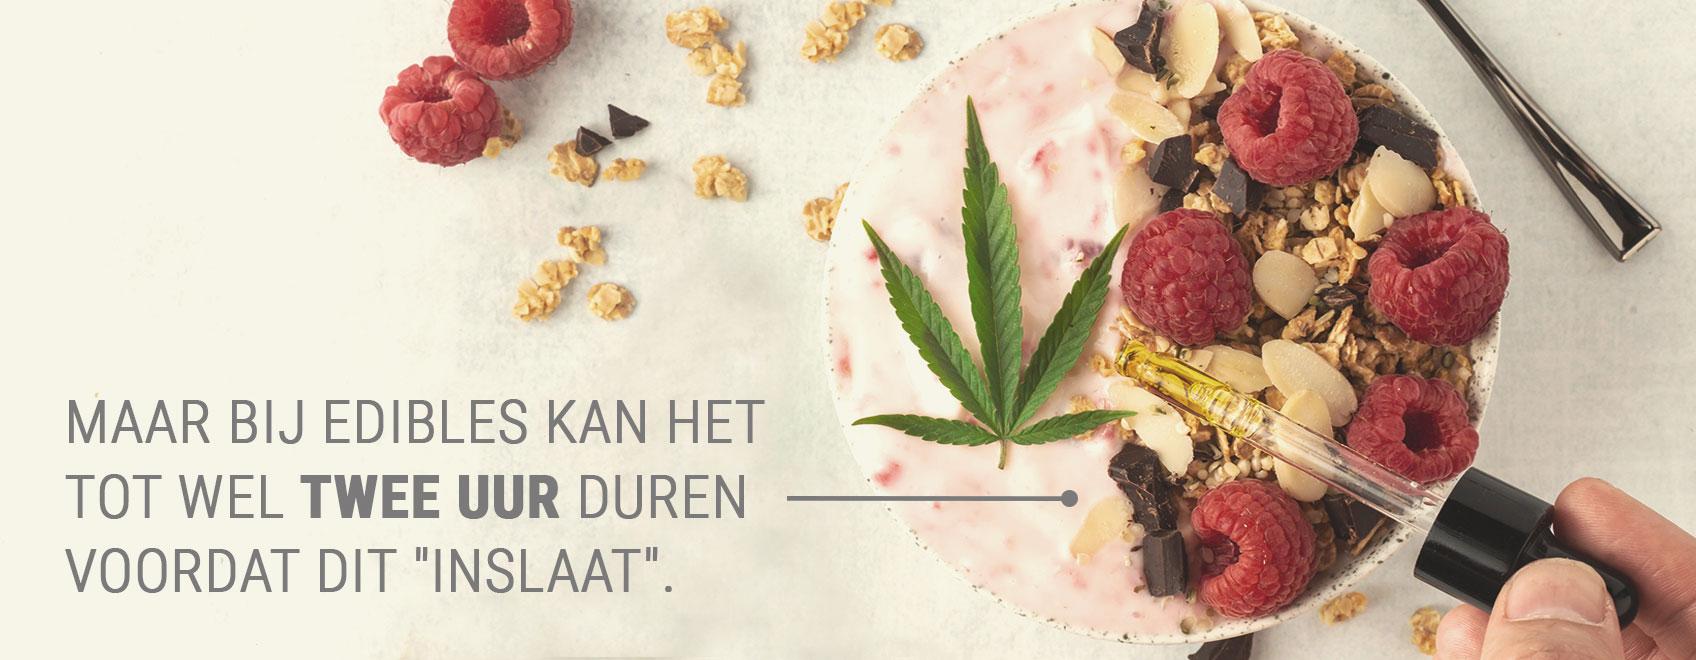 Wat is oraal gebruik van cannabis?